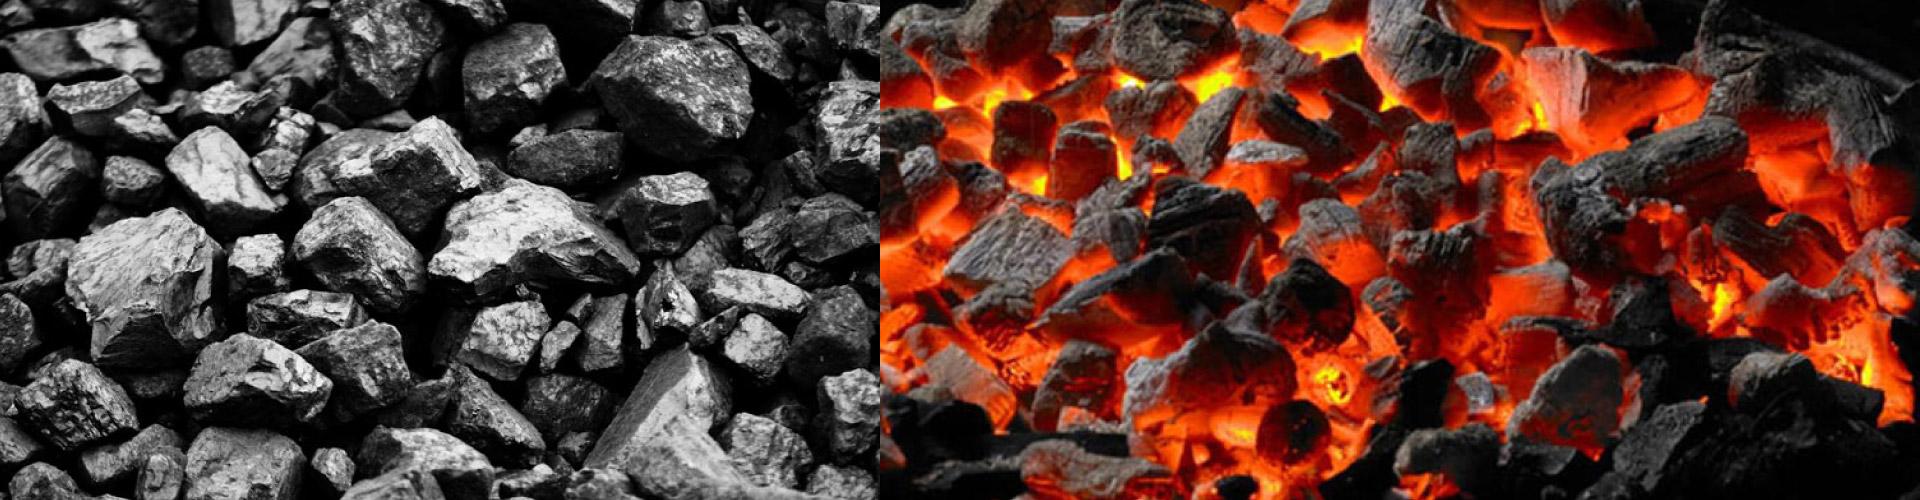 melt-metallurgical-coke